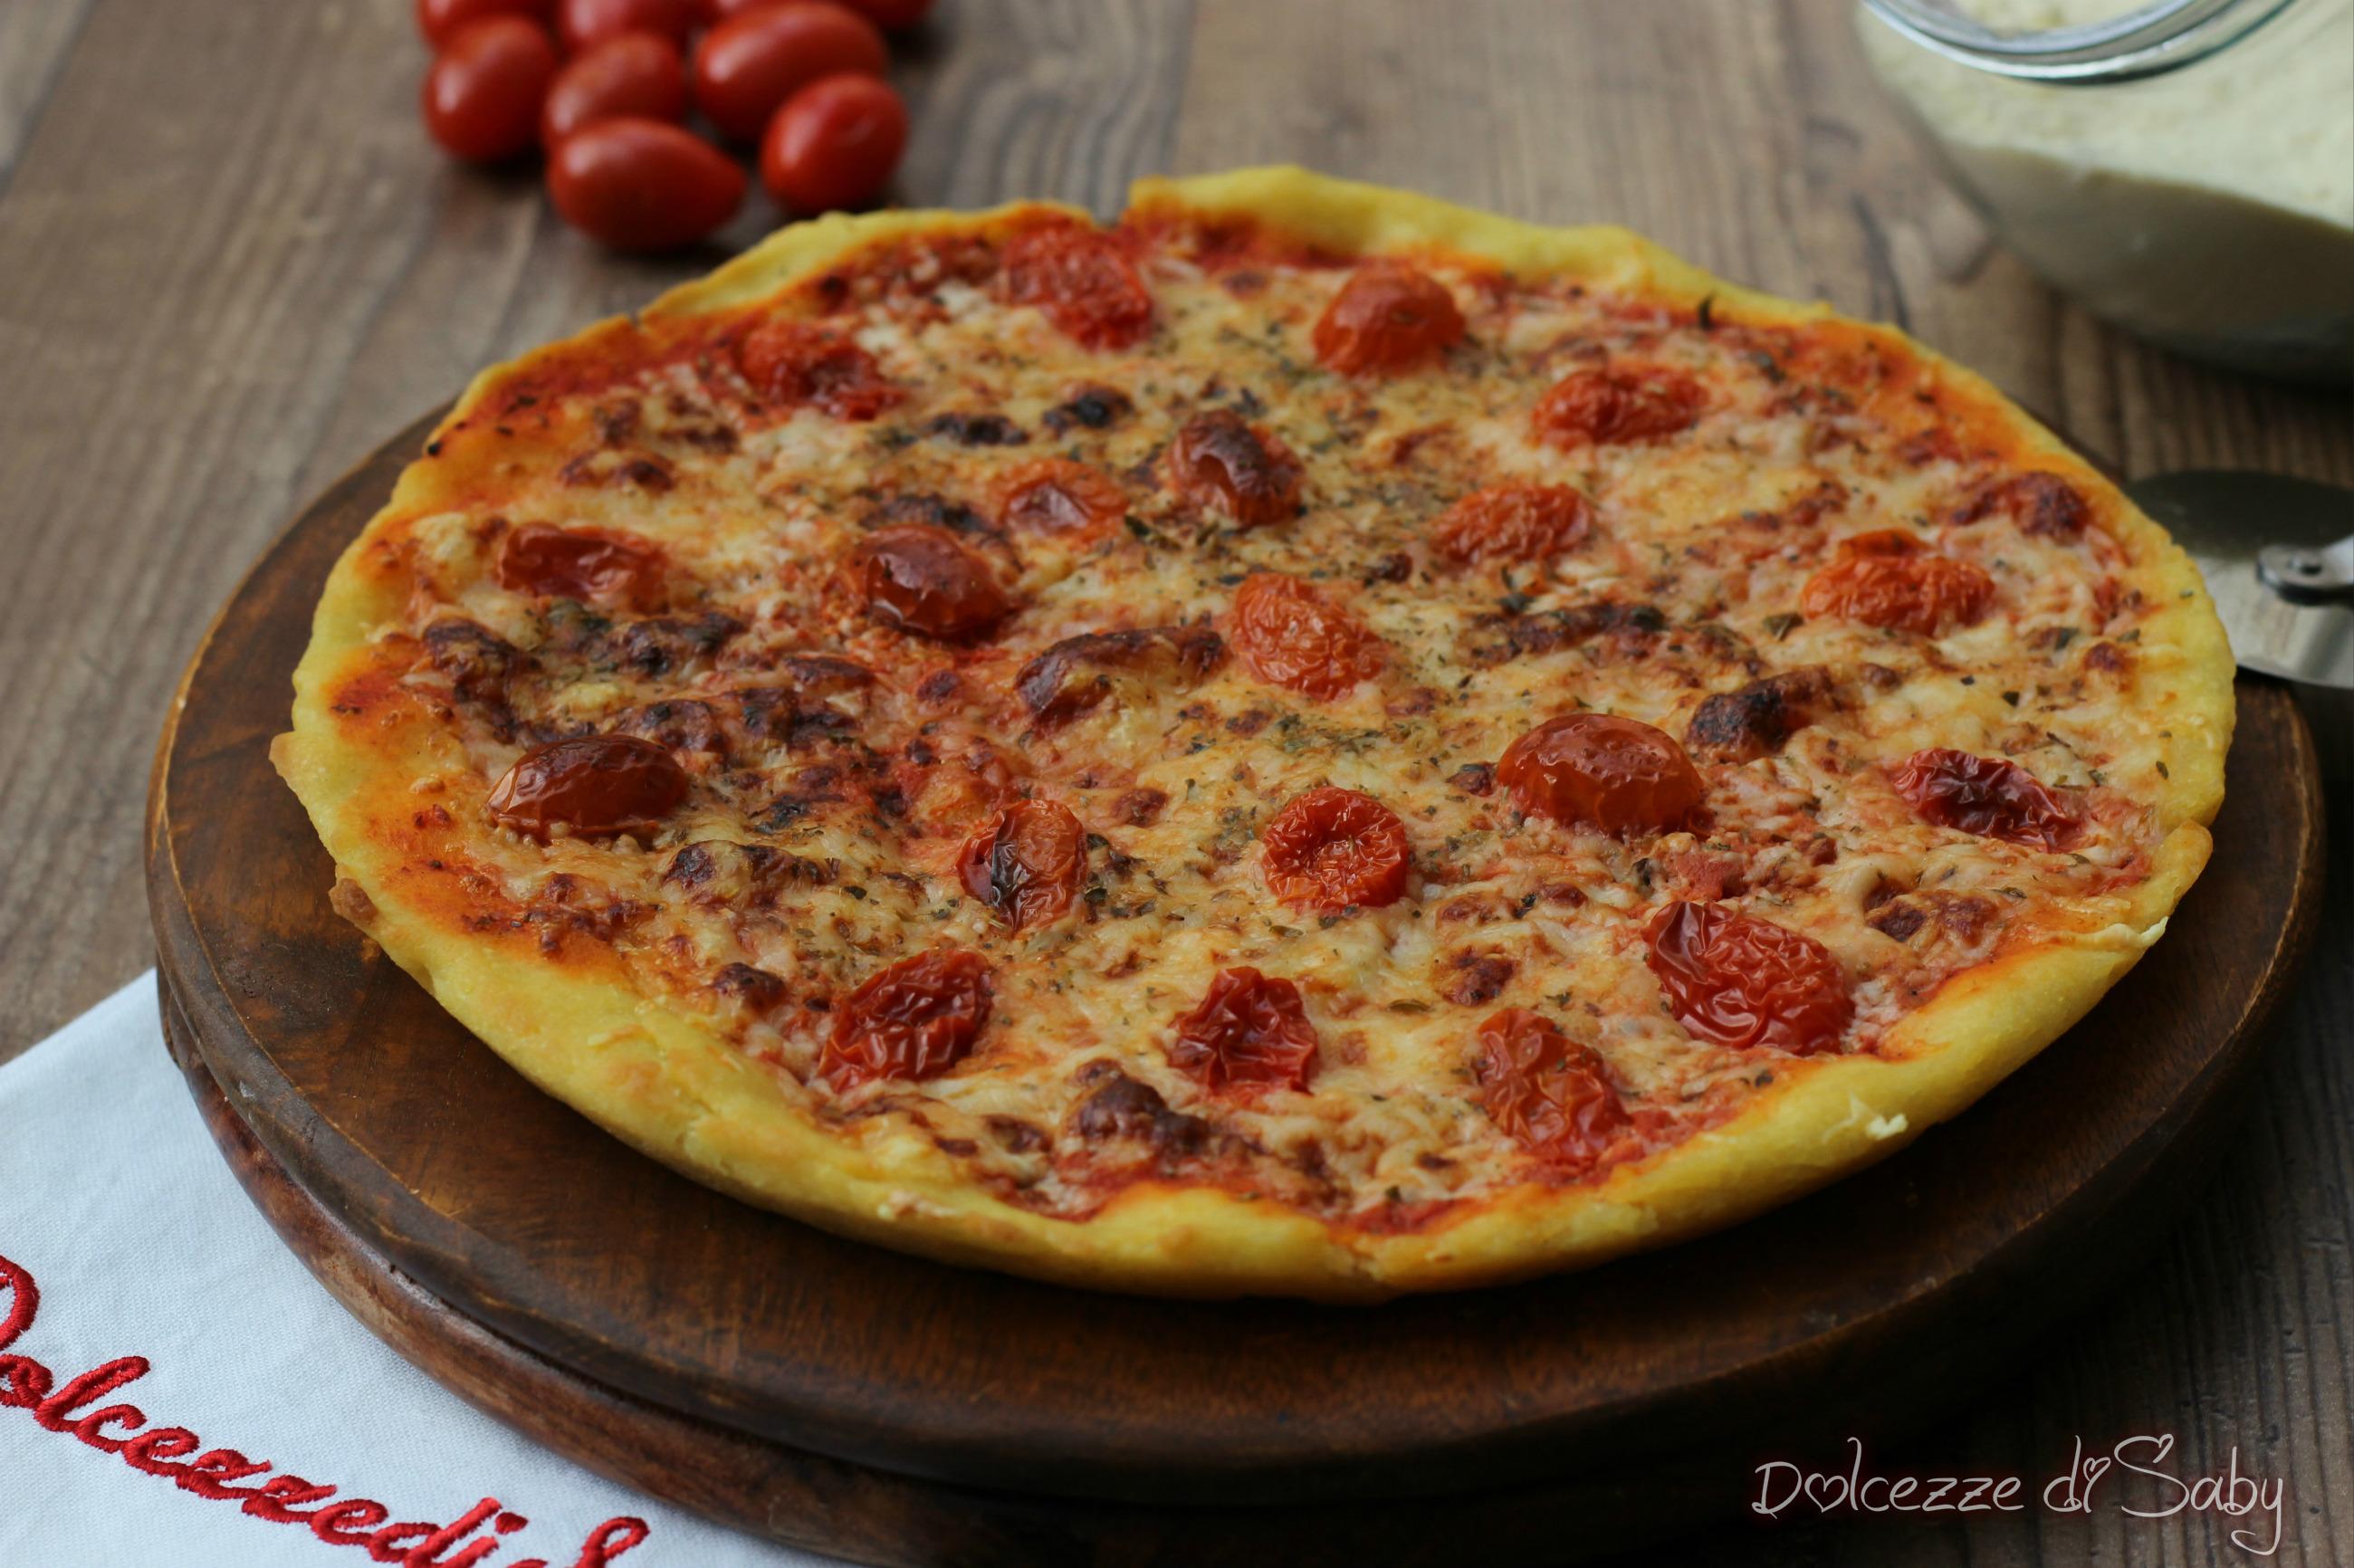 Pizza con farina di semola rimacinata di grano duro